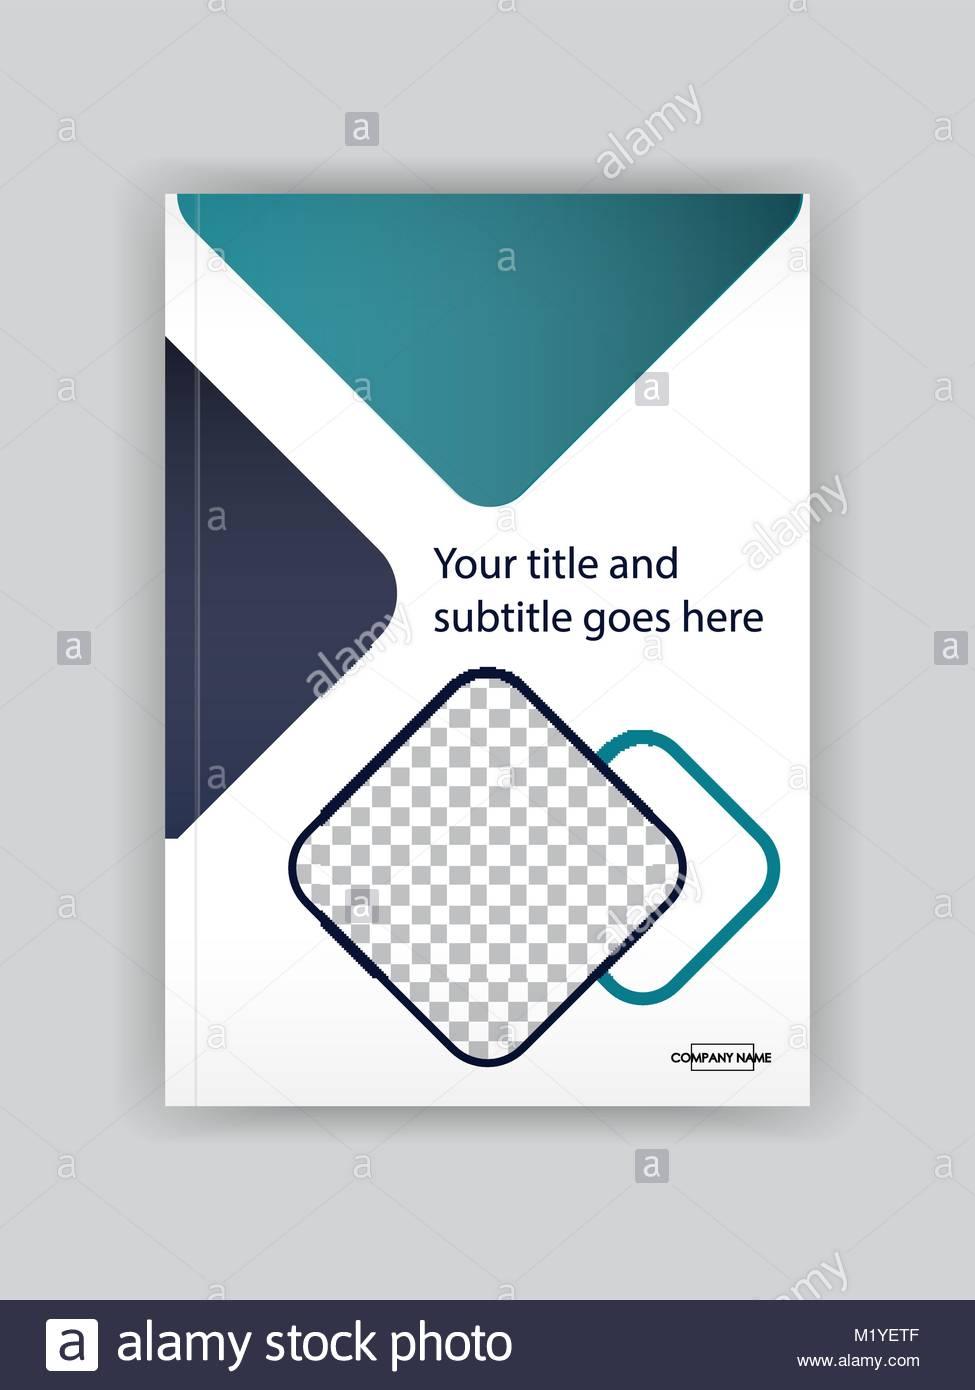 Plantilla de diseño de tapa de libro de negocios. Buena para la ...